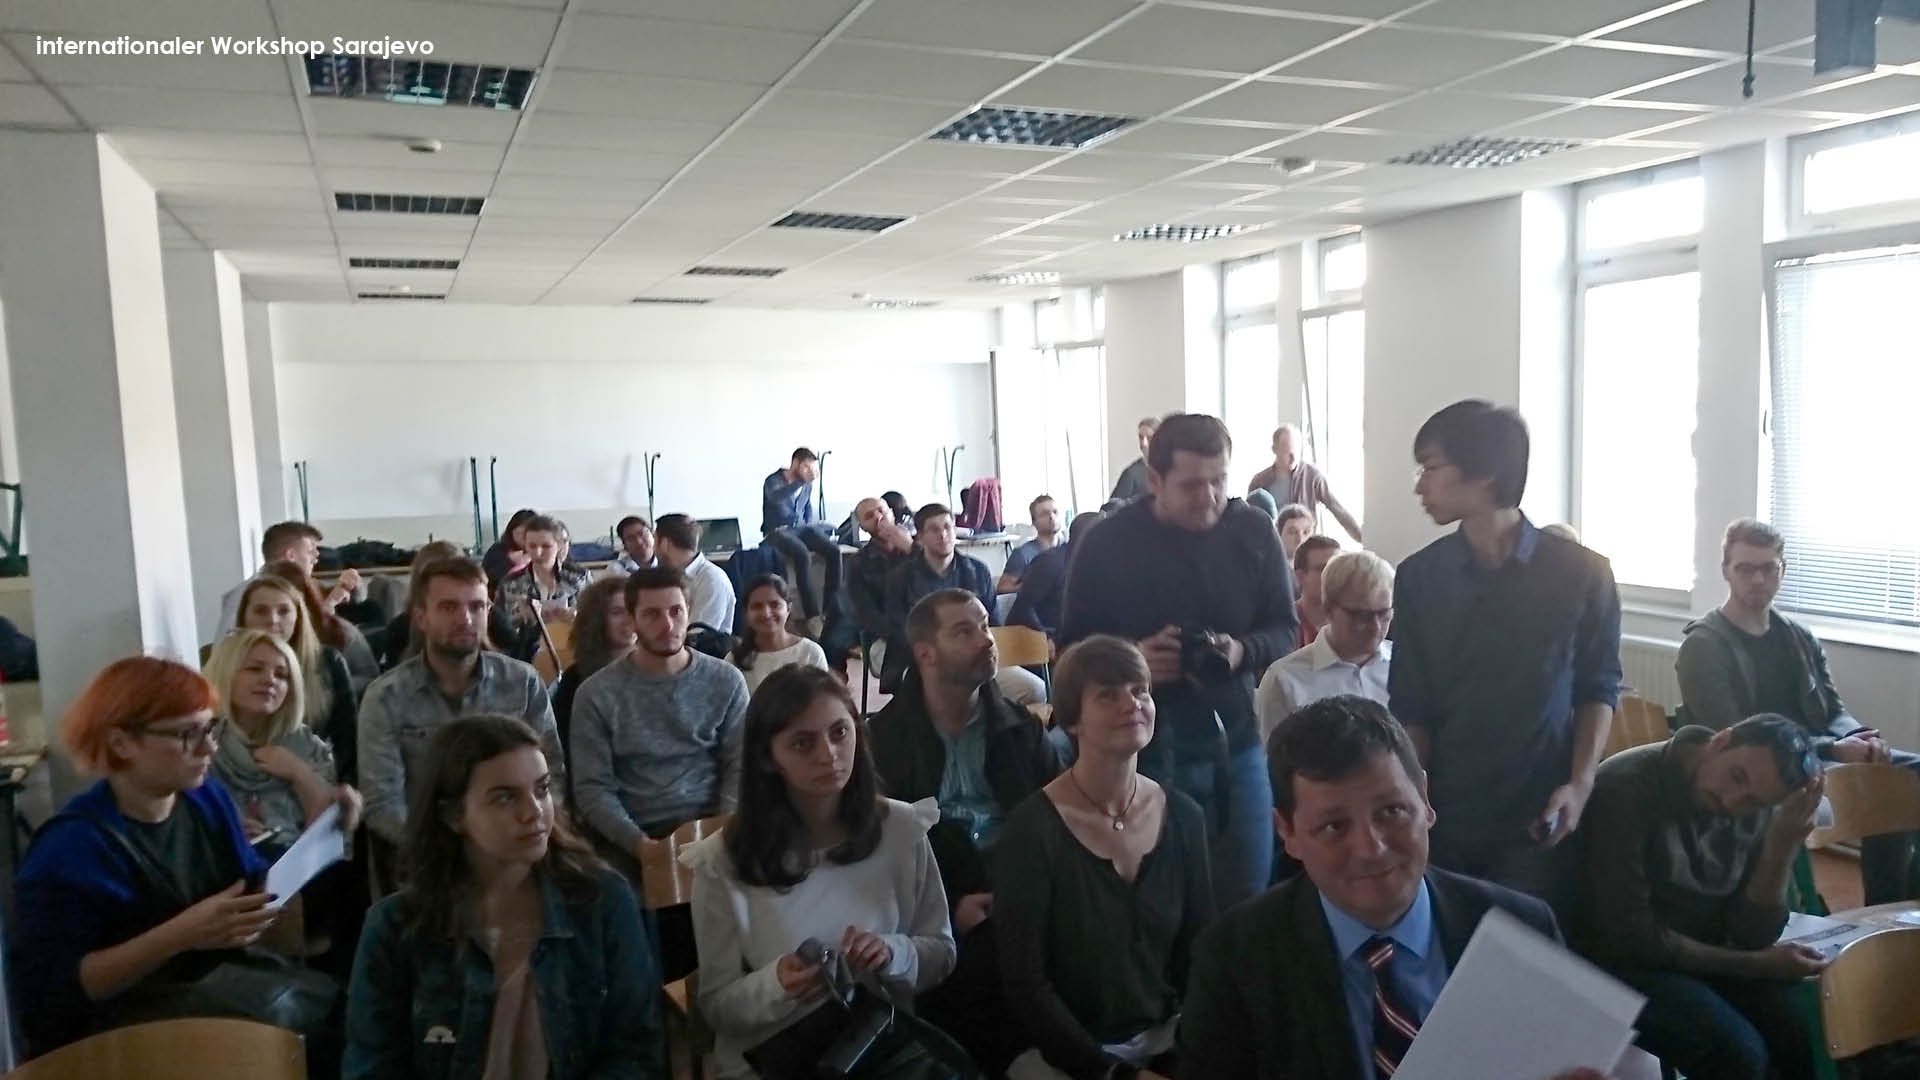 Workshop Sarajevo 201712